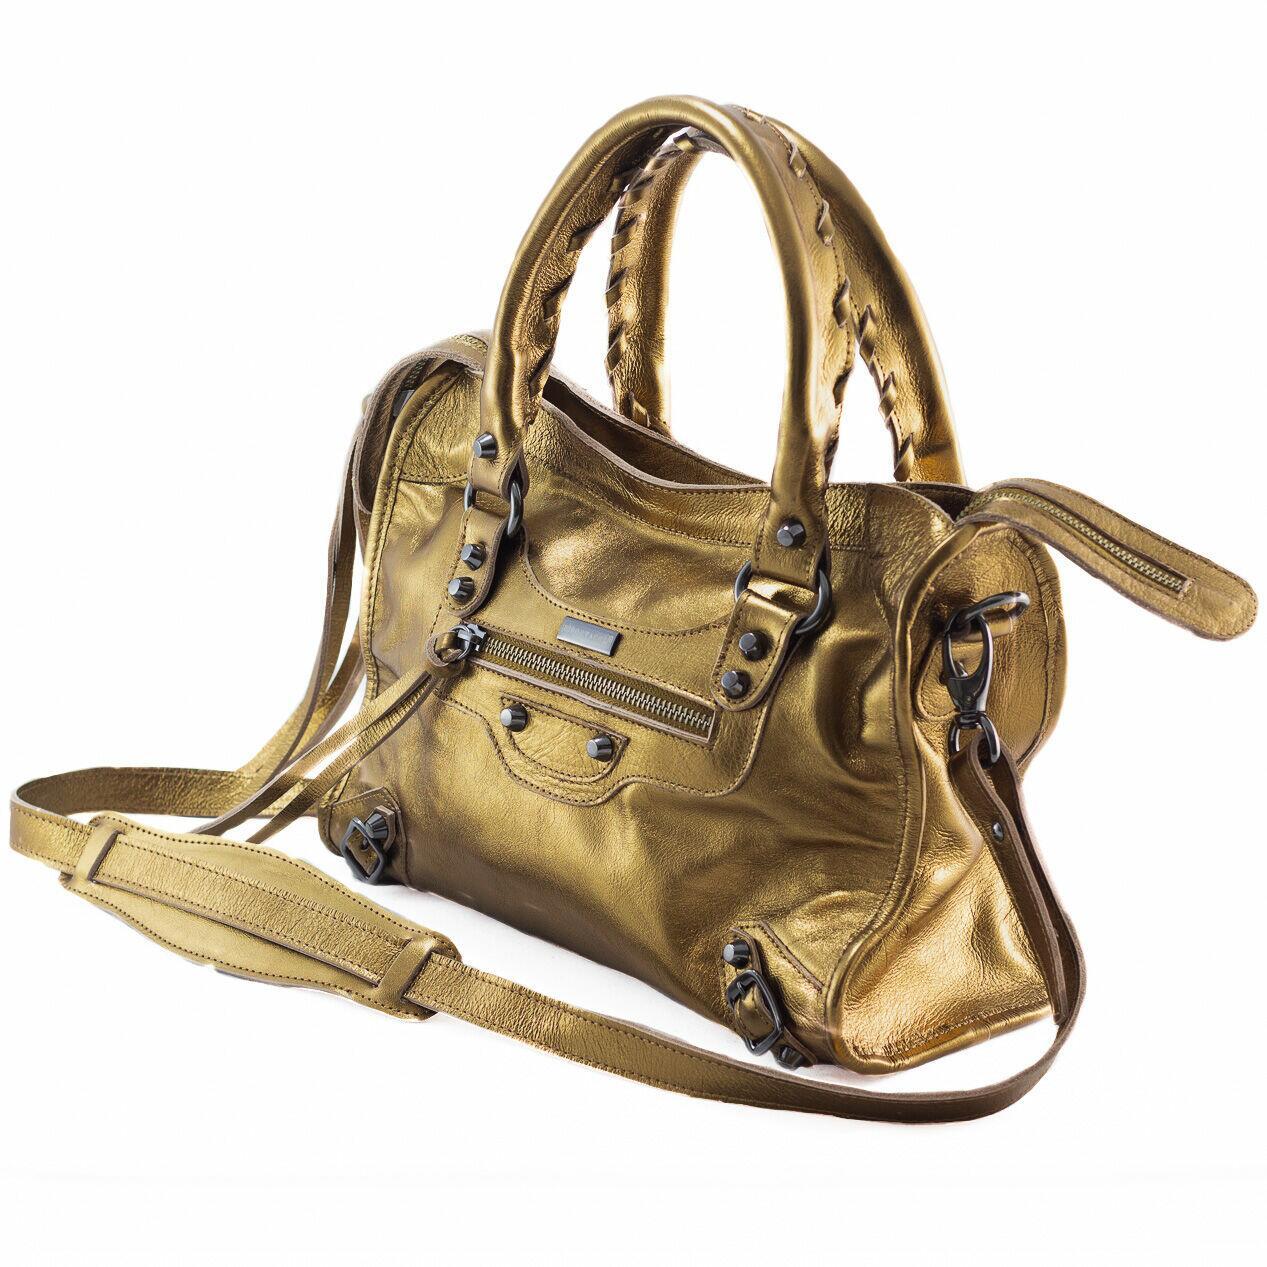 BOLSA BARCELONA MÉDIA Bolsa média couro legítimo metalizada bronze